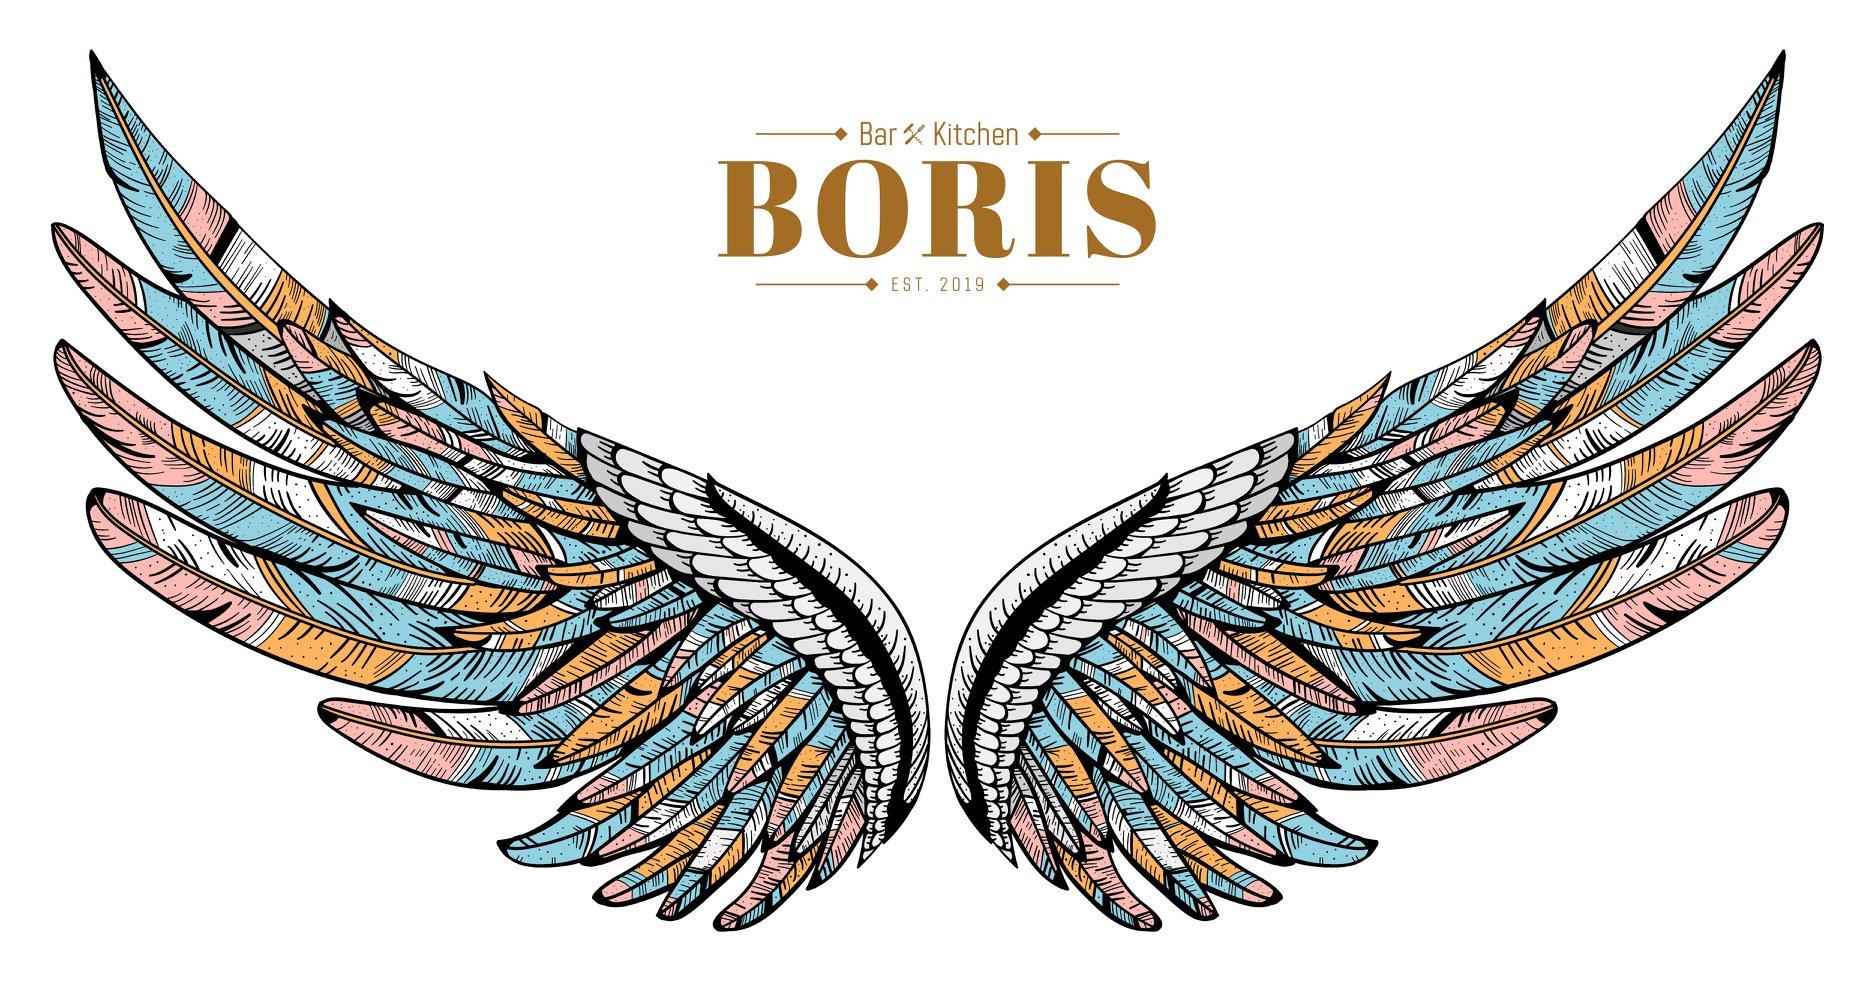 Boris Bar & Kitchen